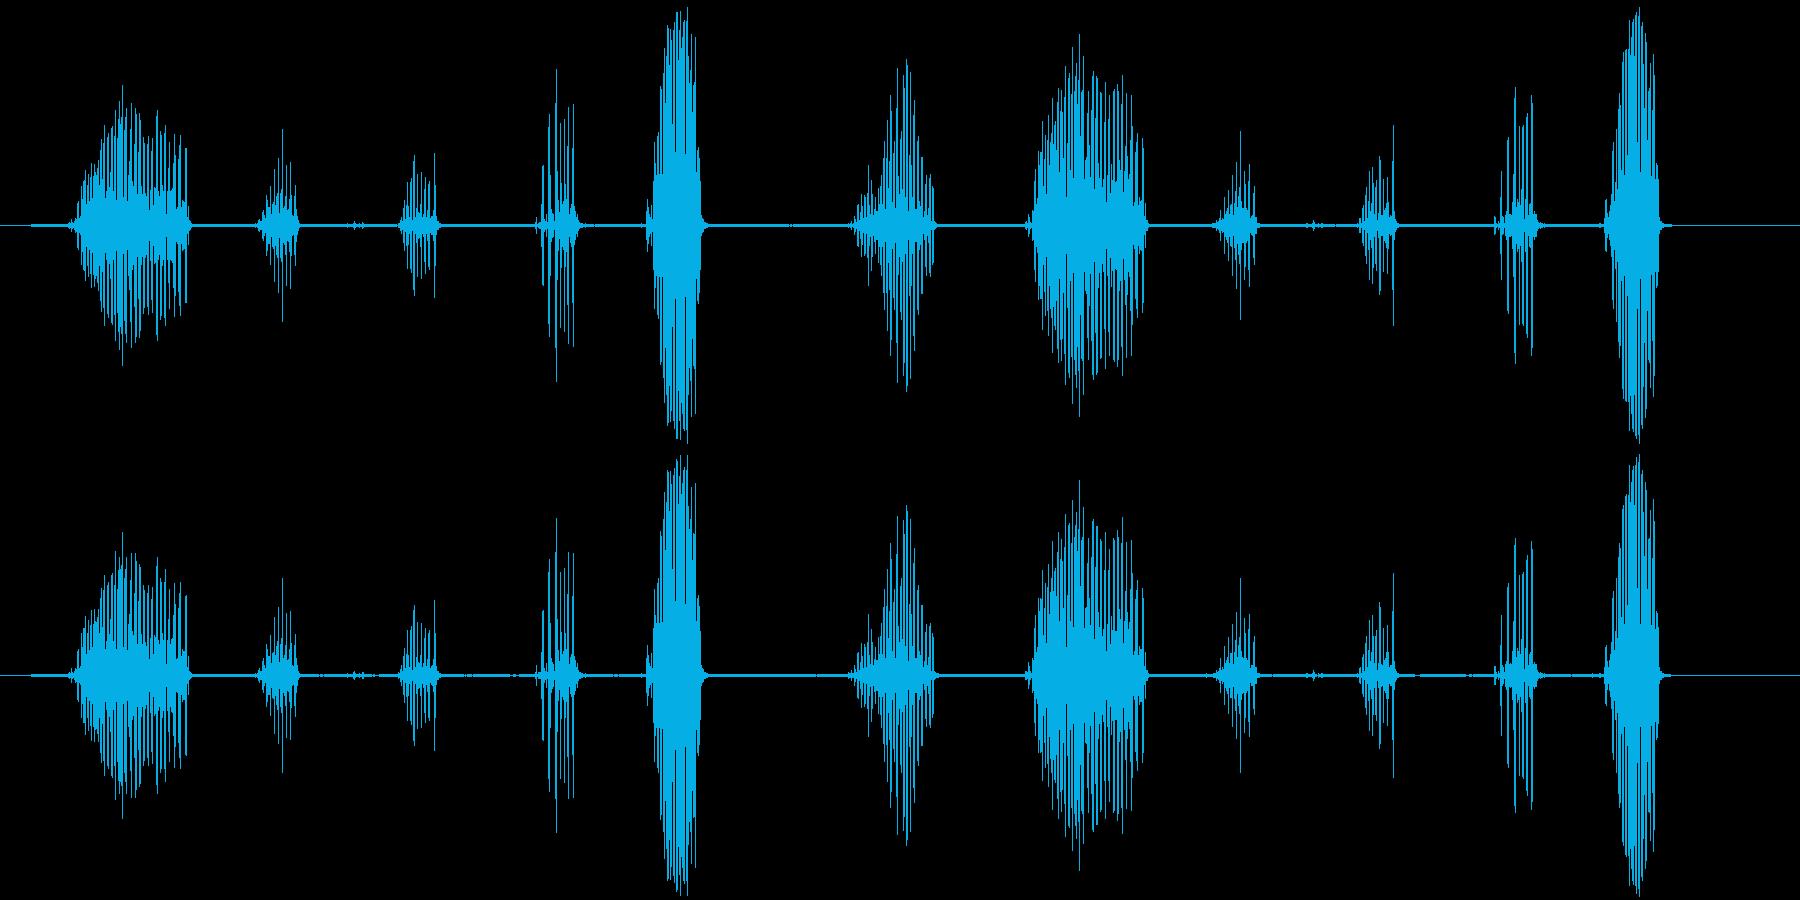 シマリスのおしゃべり。高音のびびり...の再生済みの波形